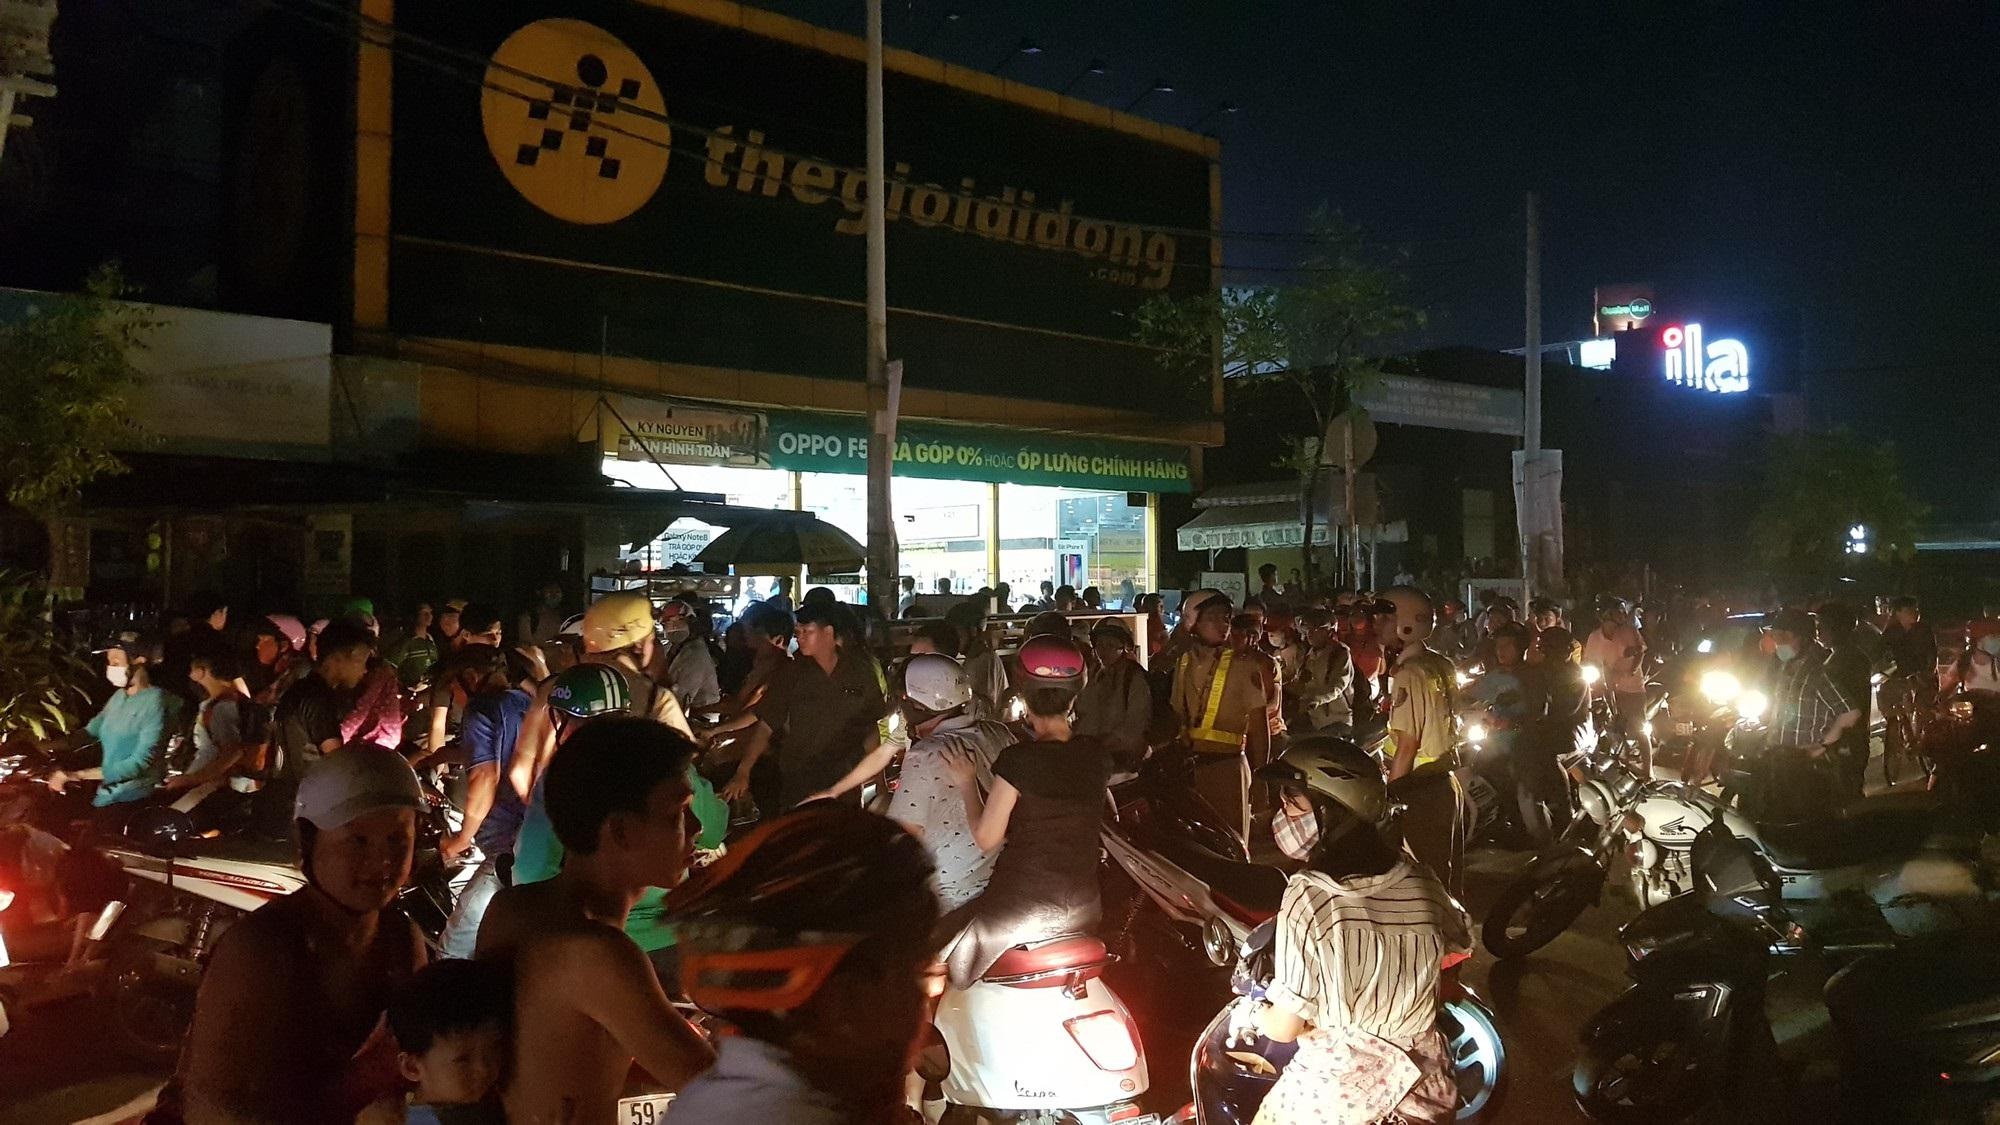 Quán lẩu dê ở Sài Gòn phát hoả, hàng trăm thực khách tháo chạy tán loạn - Ảnh 4